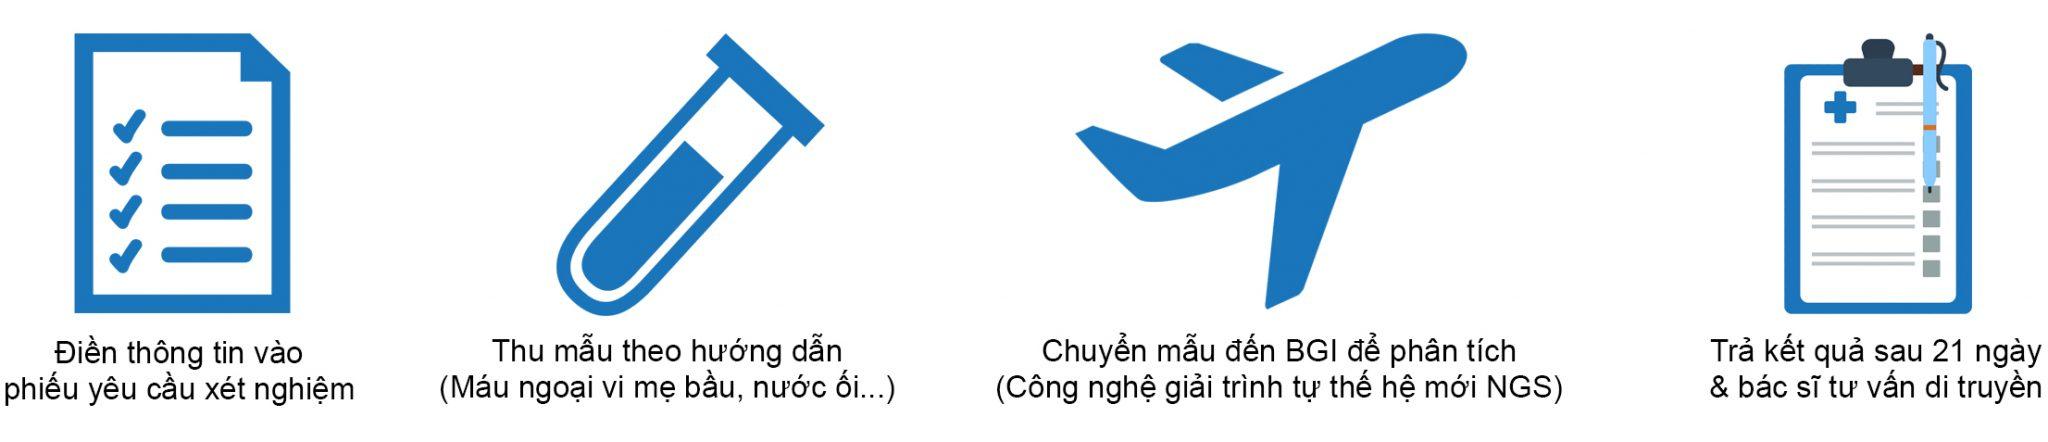 giai trinh tu nhiem sac the 2